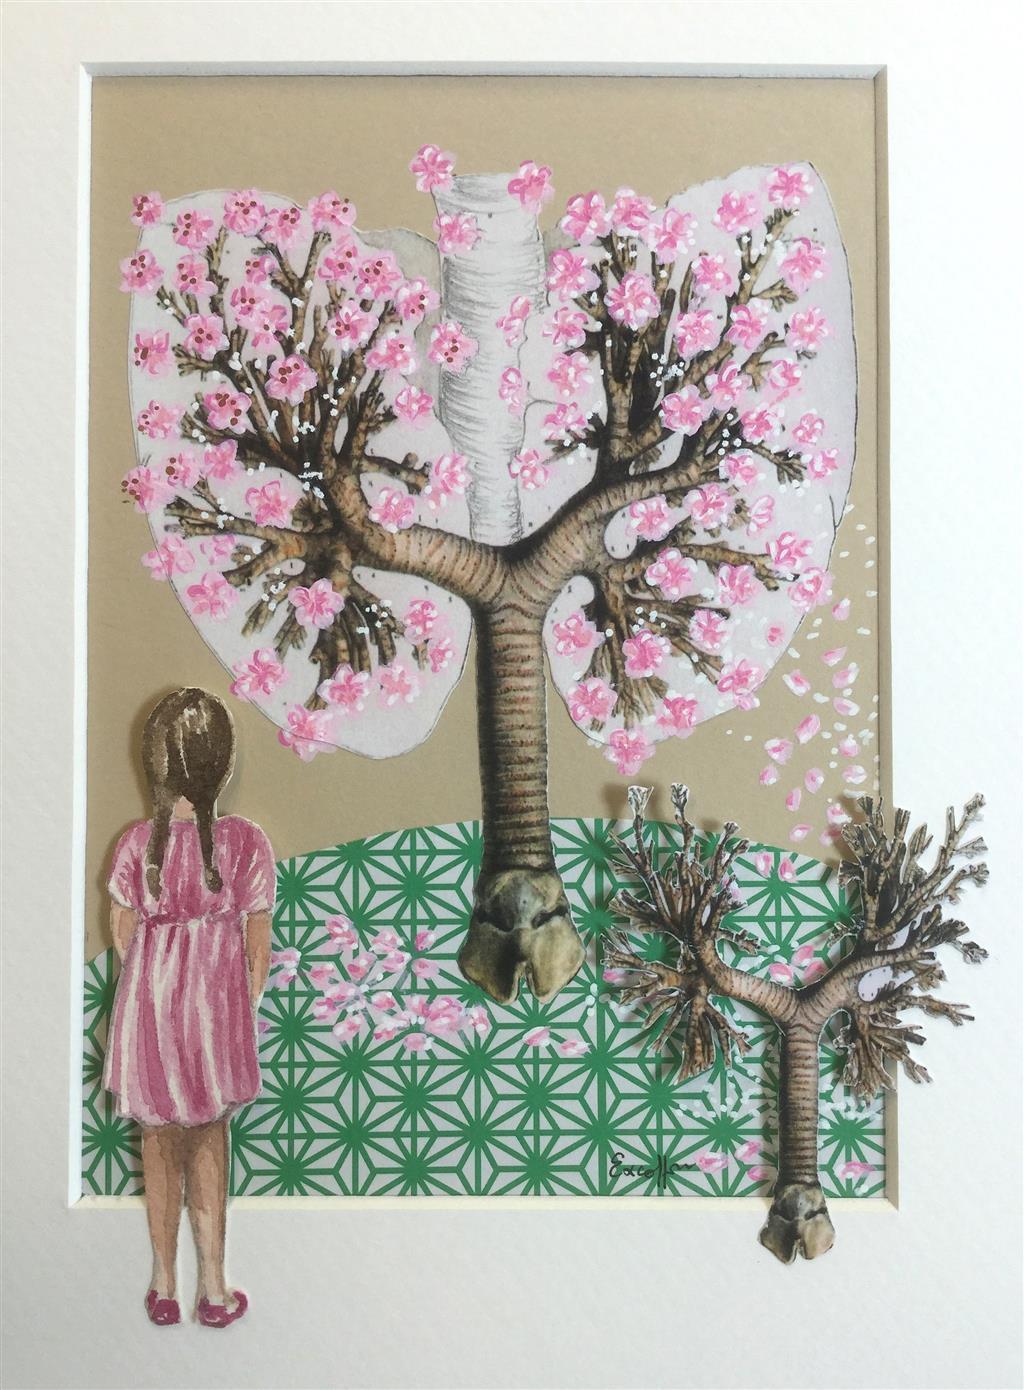 Peinture, dessin, gravure : Céline Excoffon Aquarelle, acrylique et collage Ⓒ Céline Excoffon